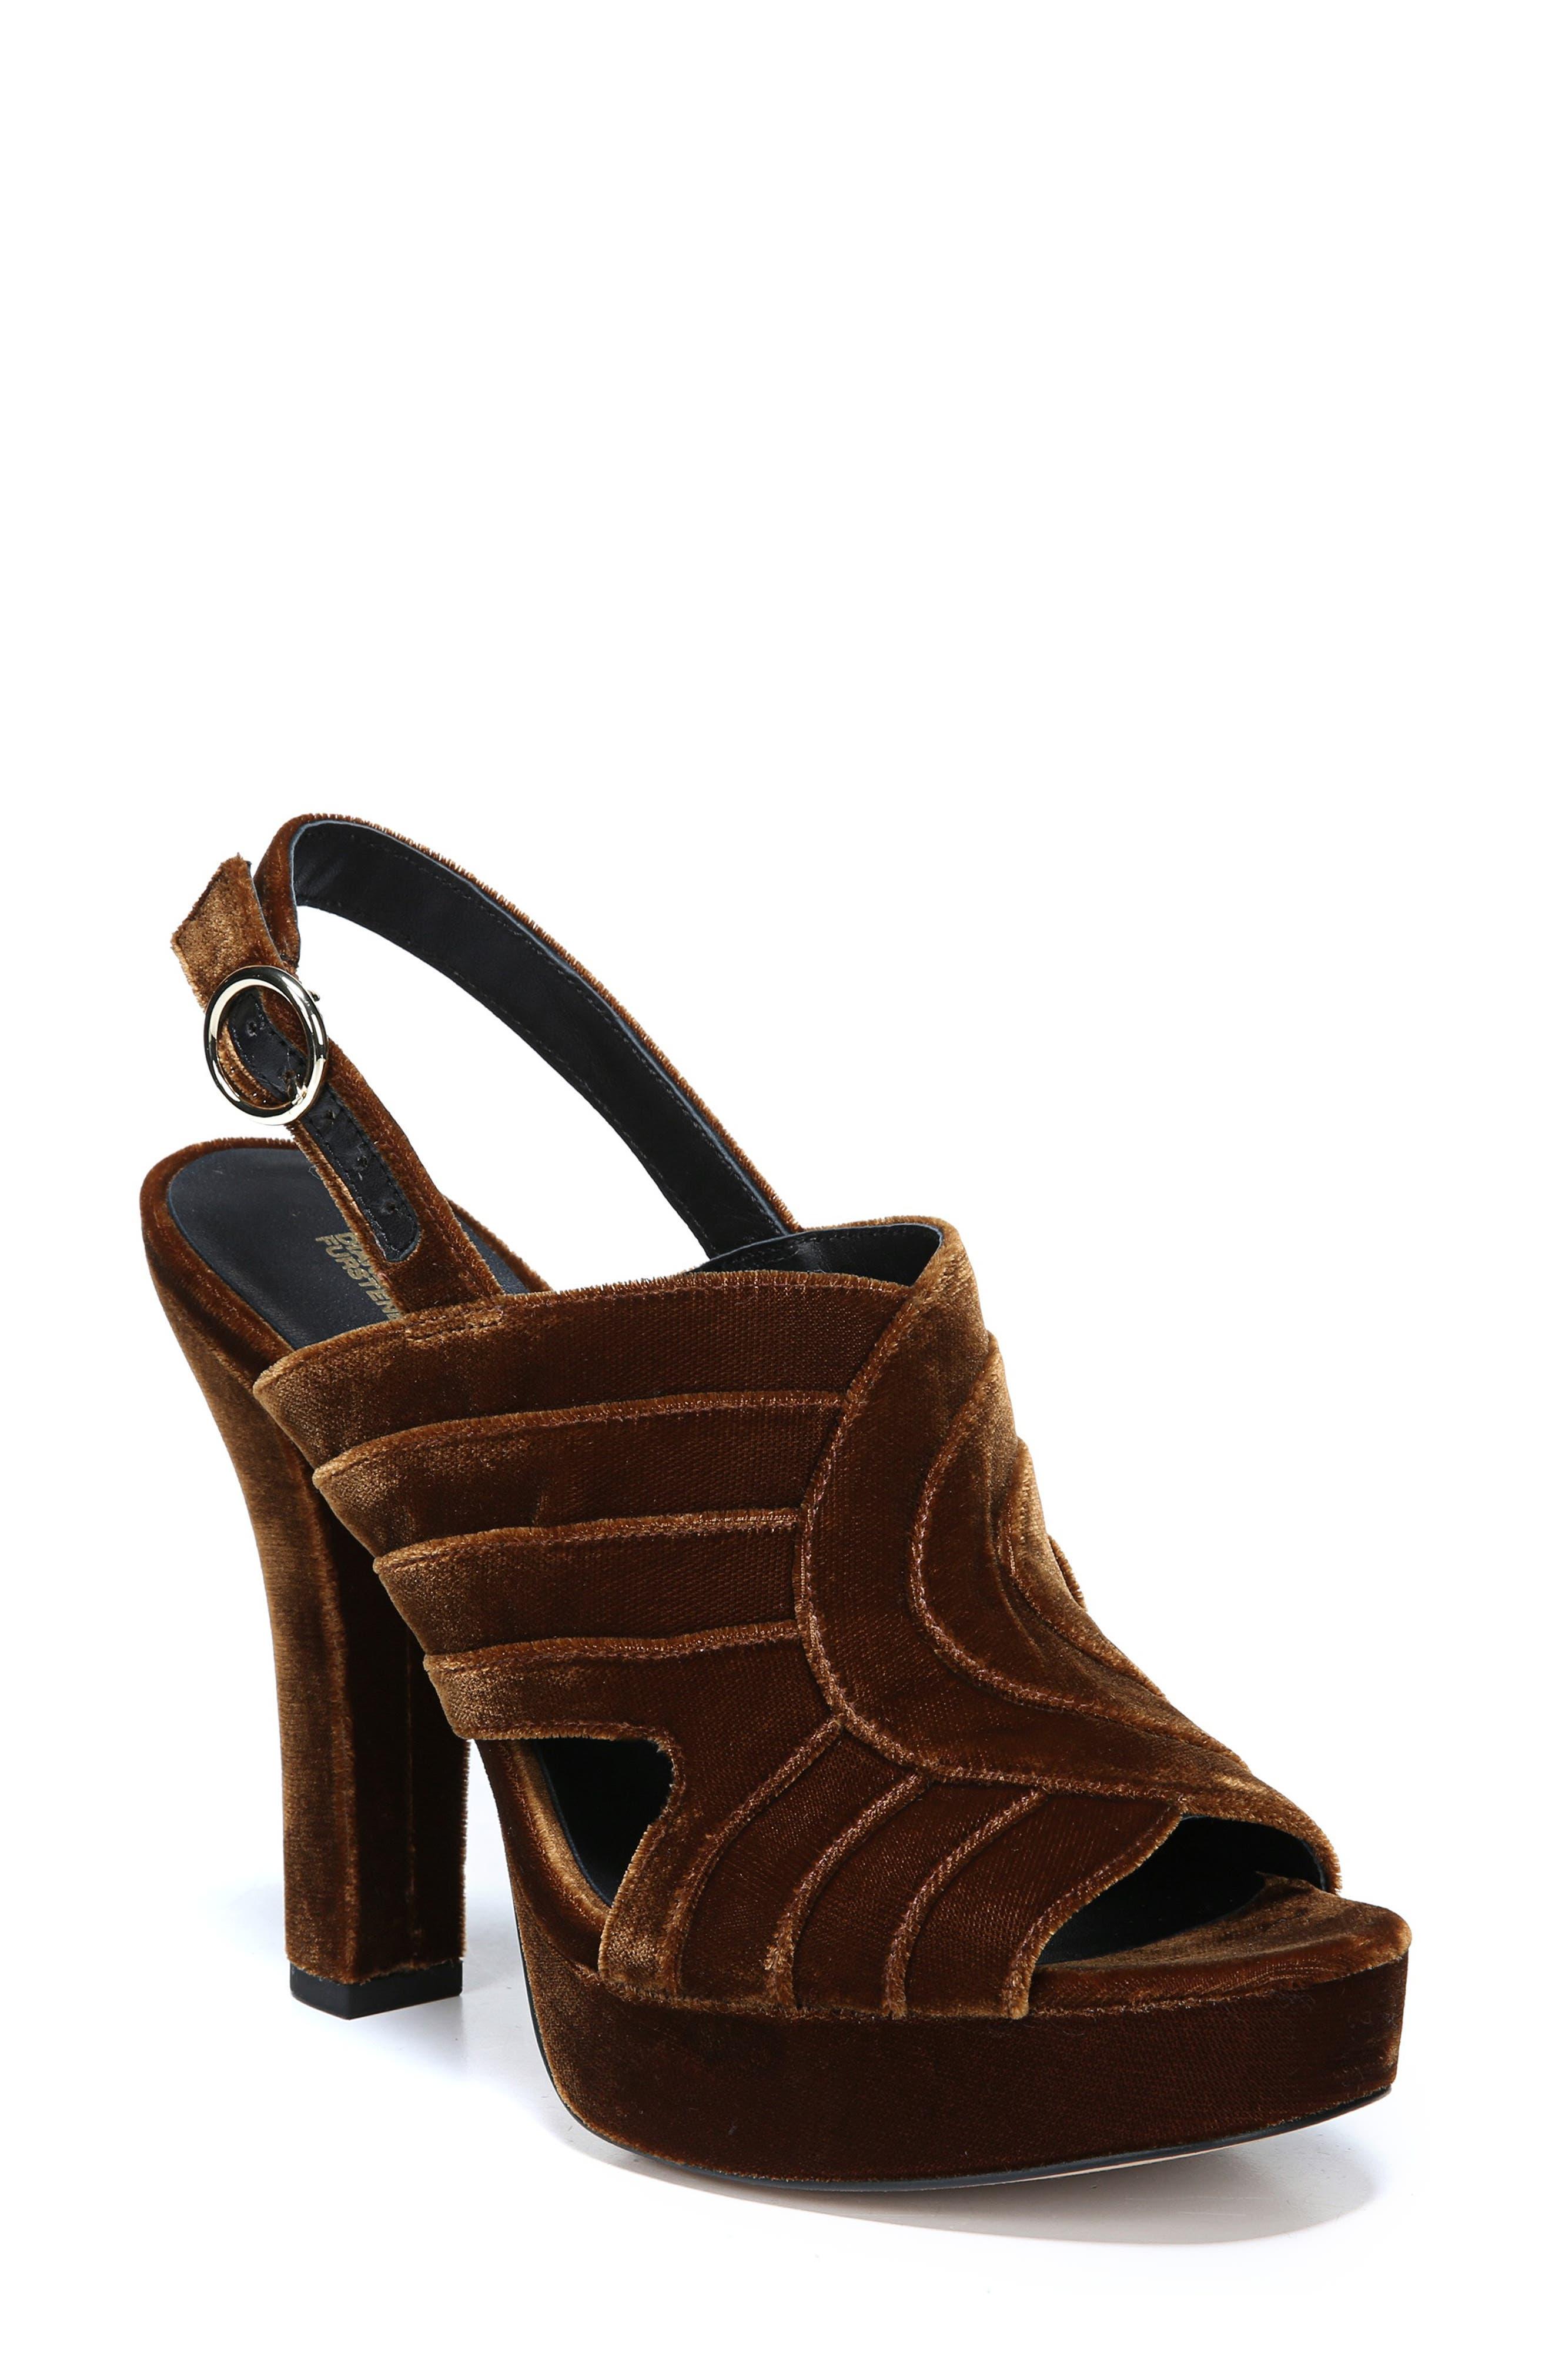 Tabby Layered Velvet Platform Slingback Sandals in Mustard